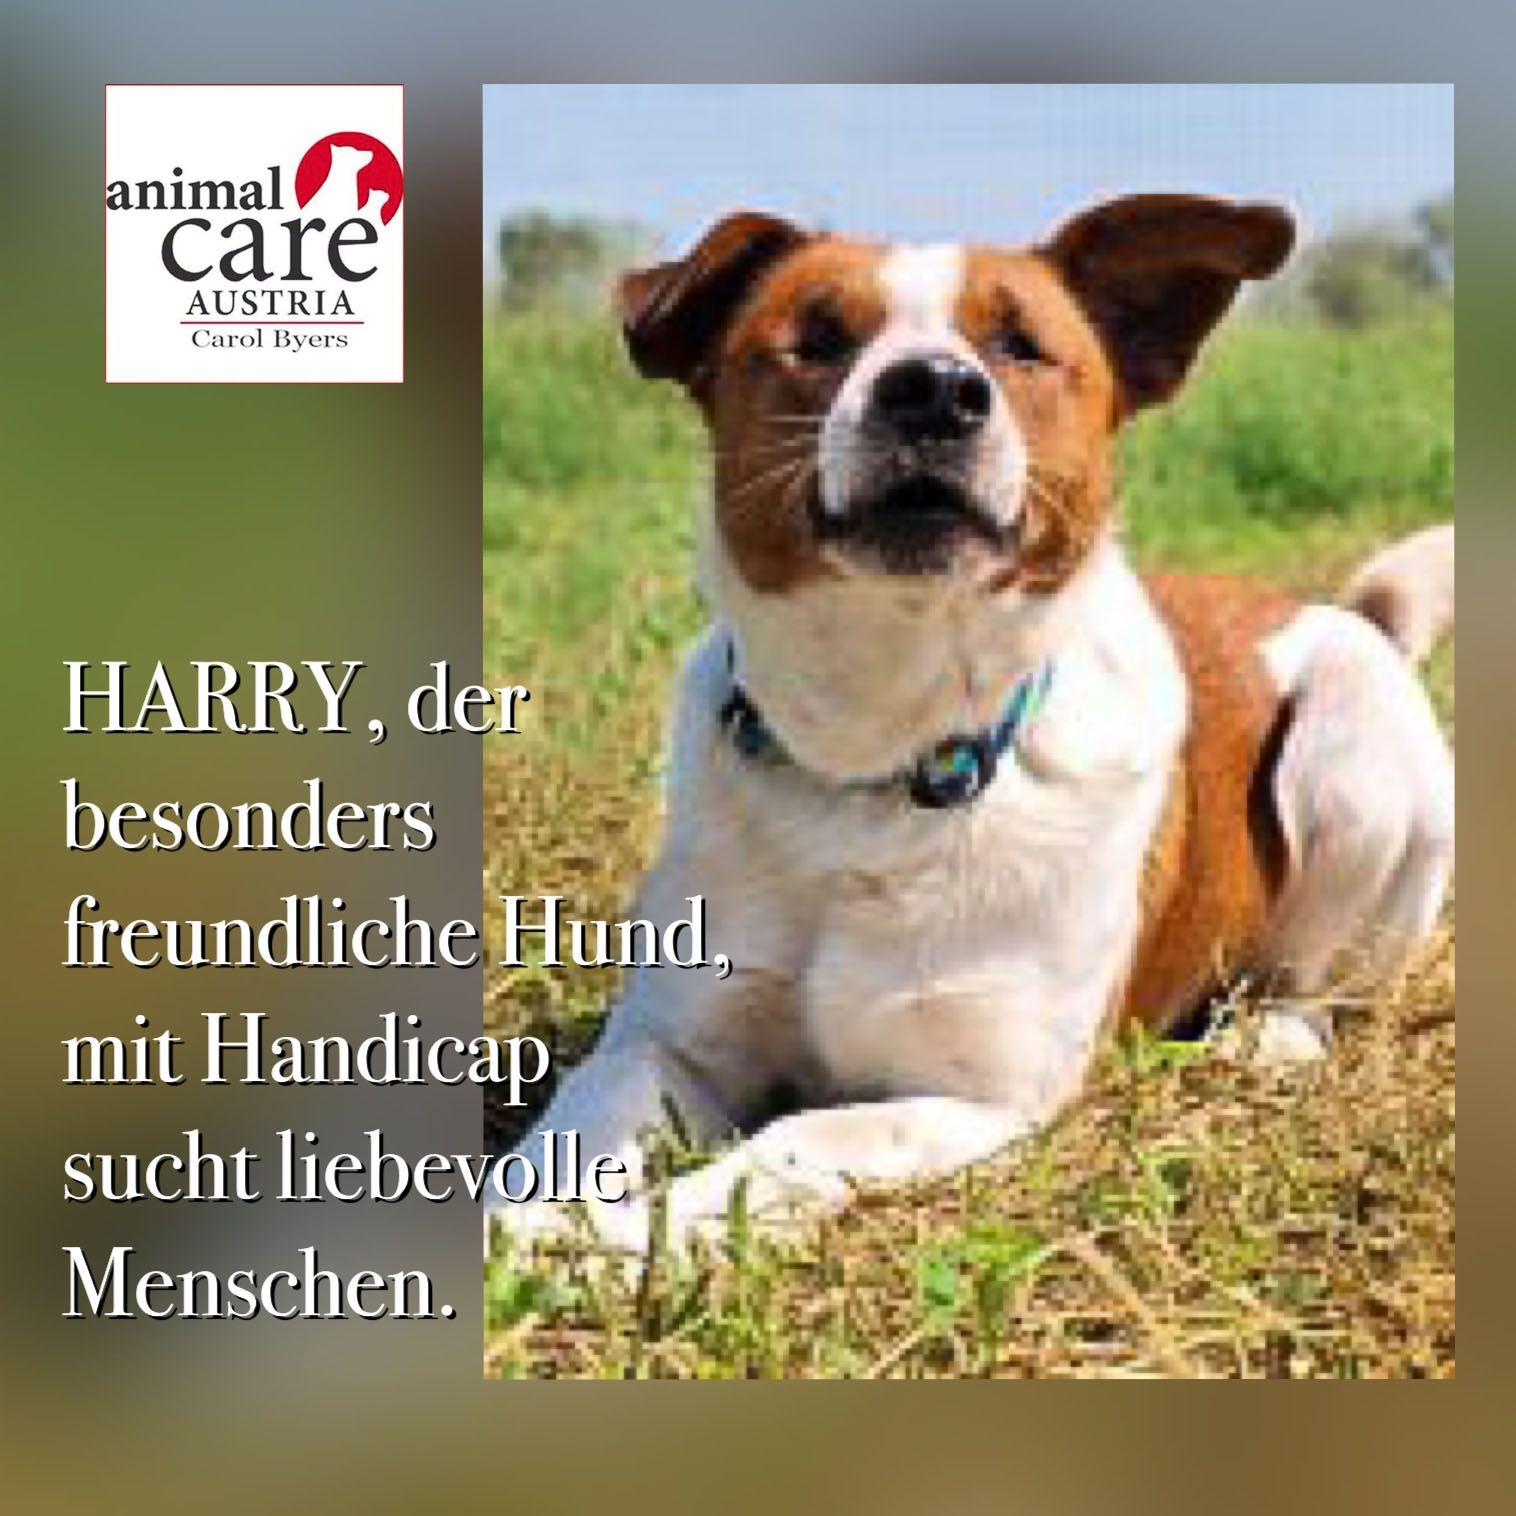 Harry ist ein besonders freundlicher lieber und anhänglicher hund